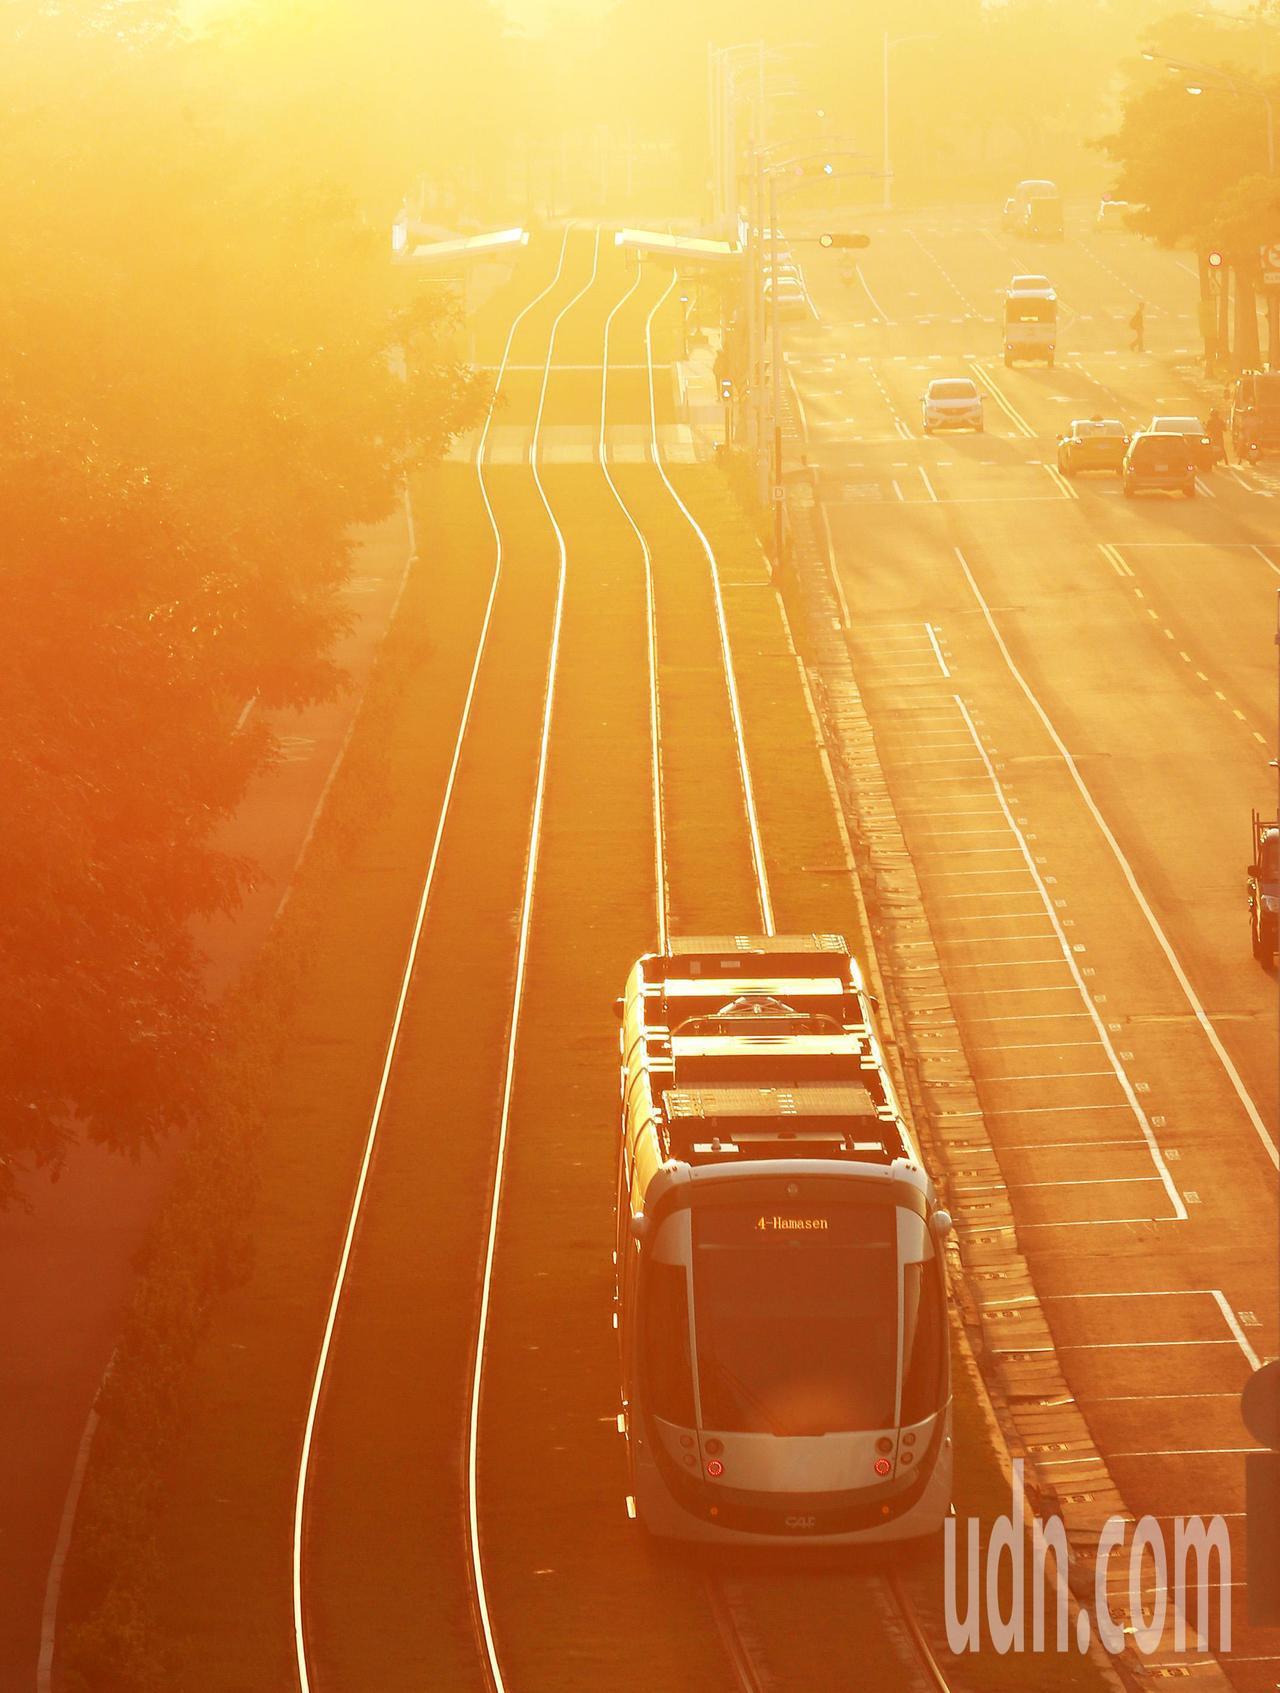 因應每年冬天空氣品質不良,鼓勵民眾多搭乘大眾運輸,減少私人交通工具汽機車排放汙染...